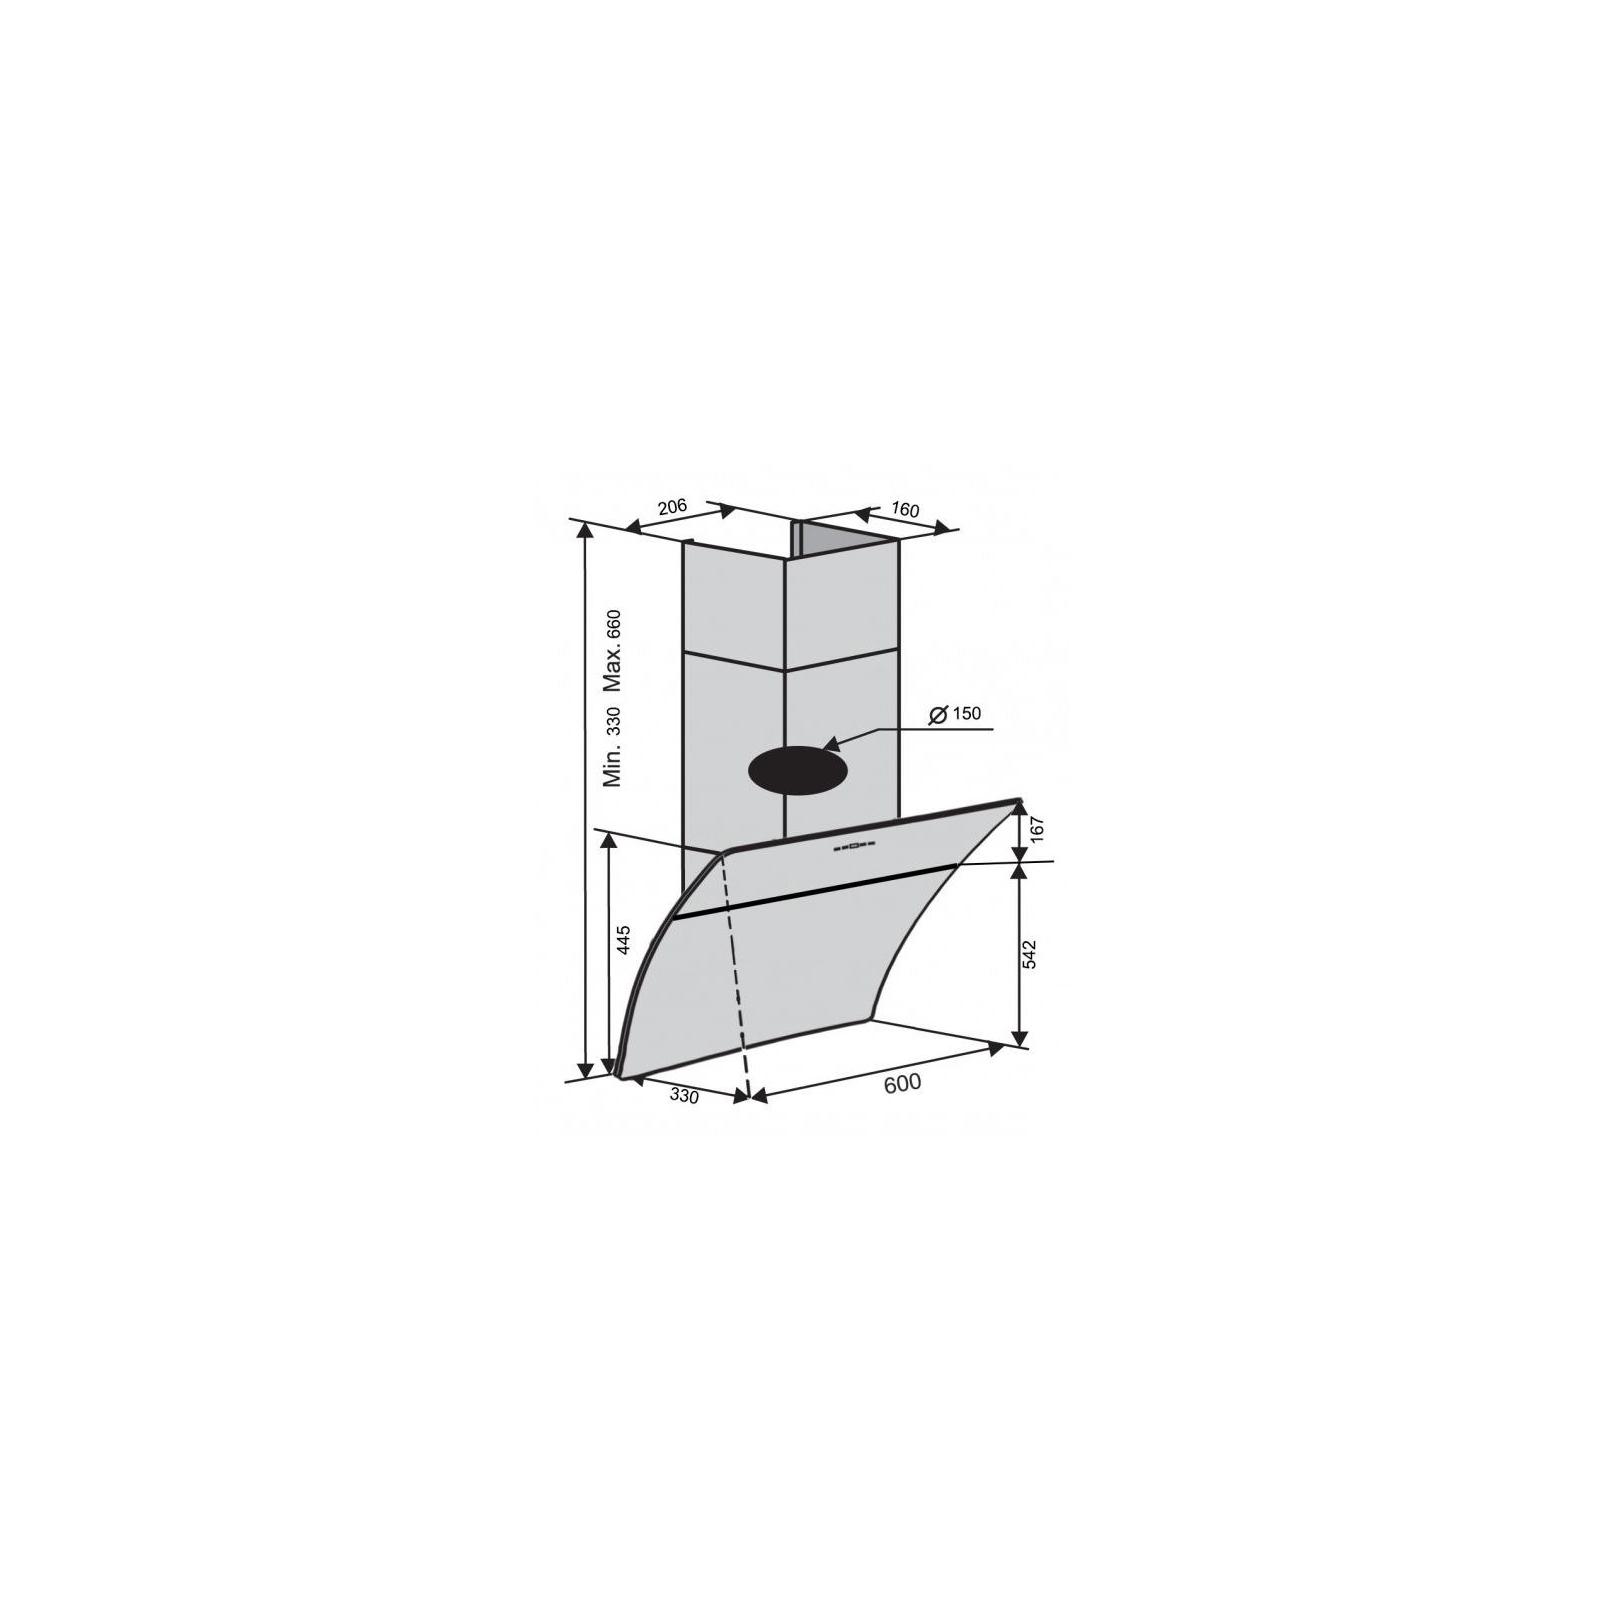 Вытяжка кухонная VENTOLUX FIRENZE 60 BK (1000) TRC IT SD изображение 7